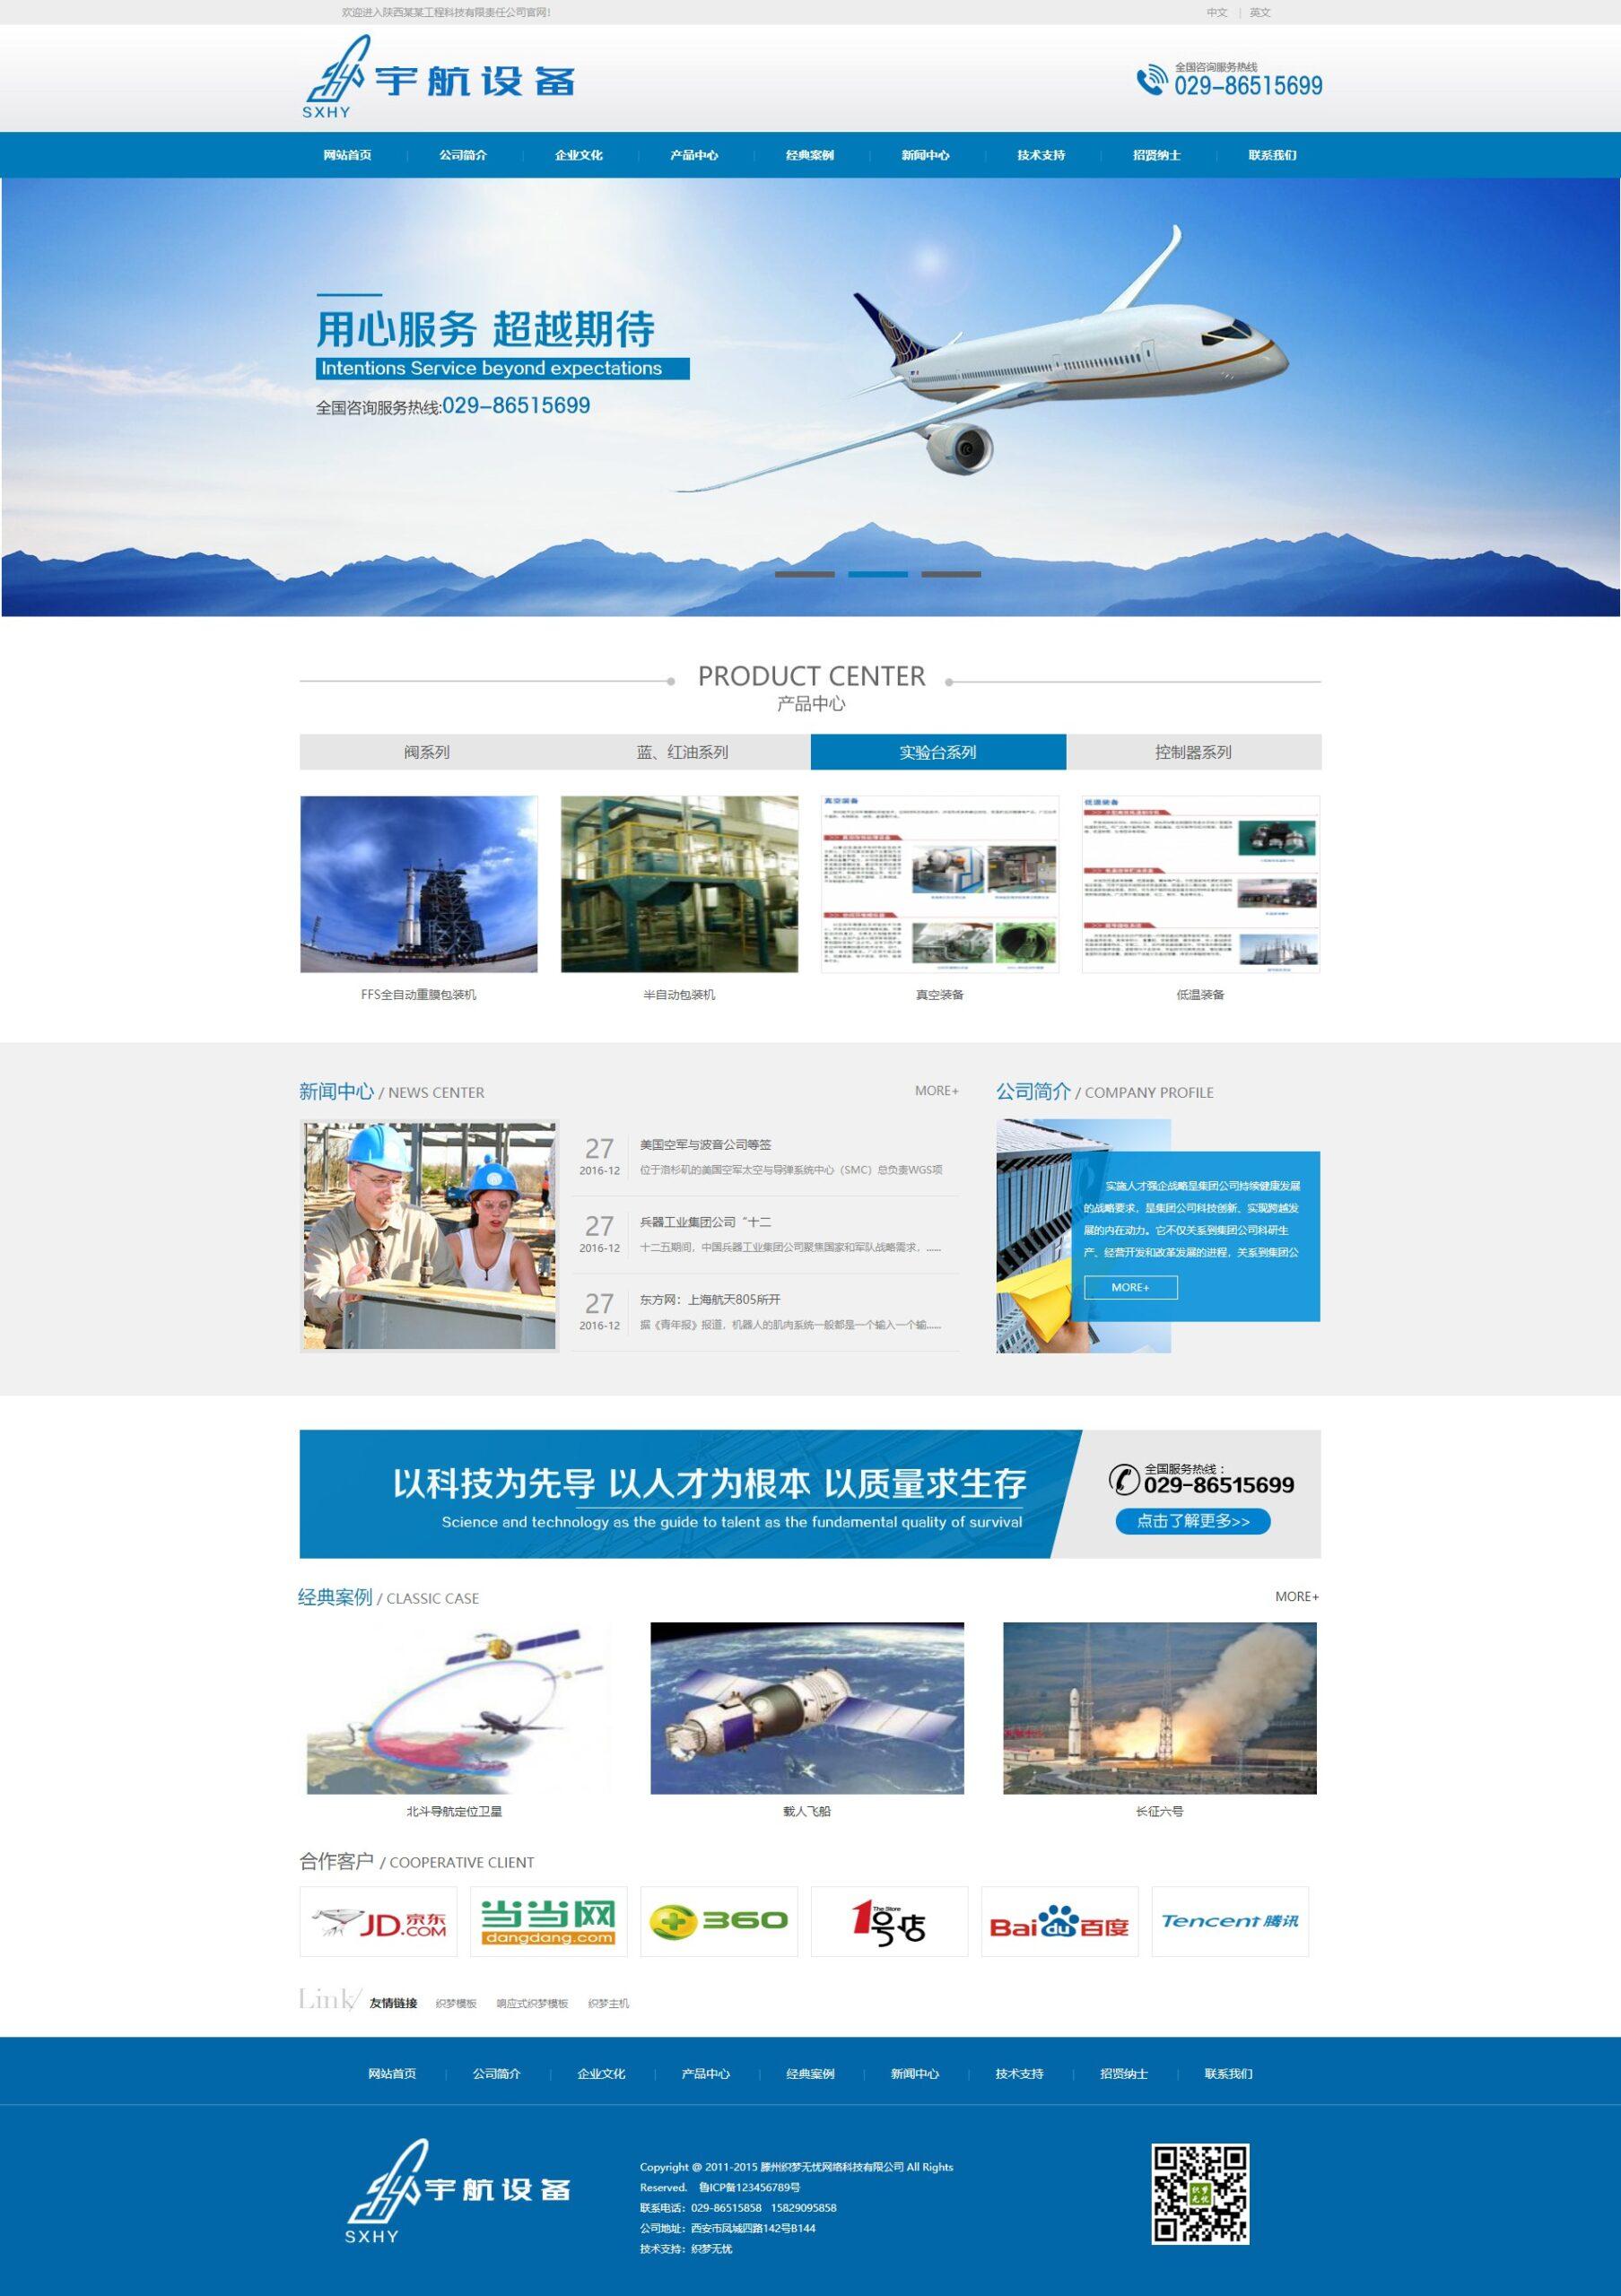 105中英双语航天科技设备网站模板下载织梦dedecms免费模板源码【同步手机版数据】